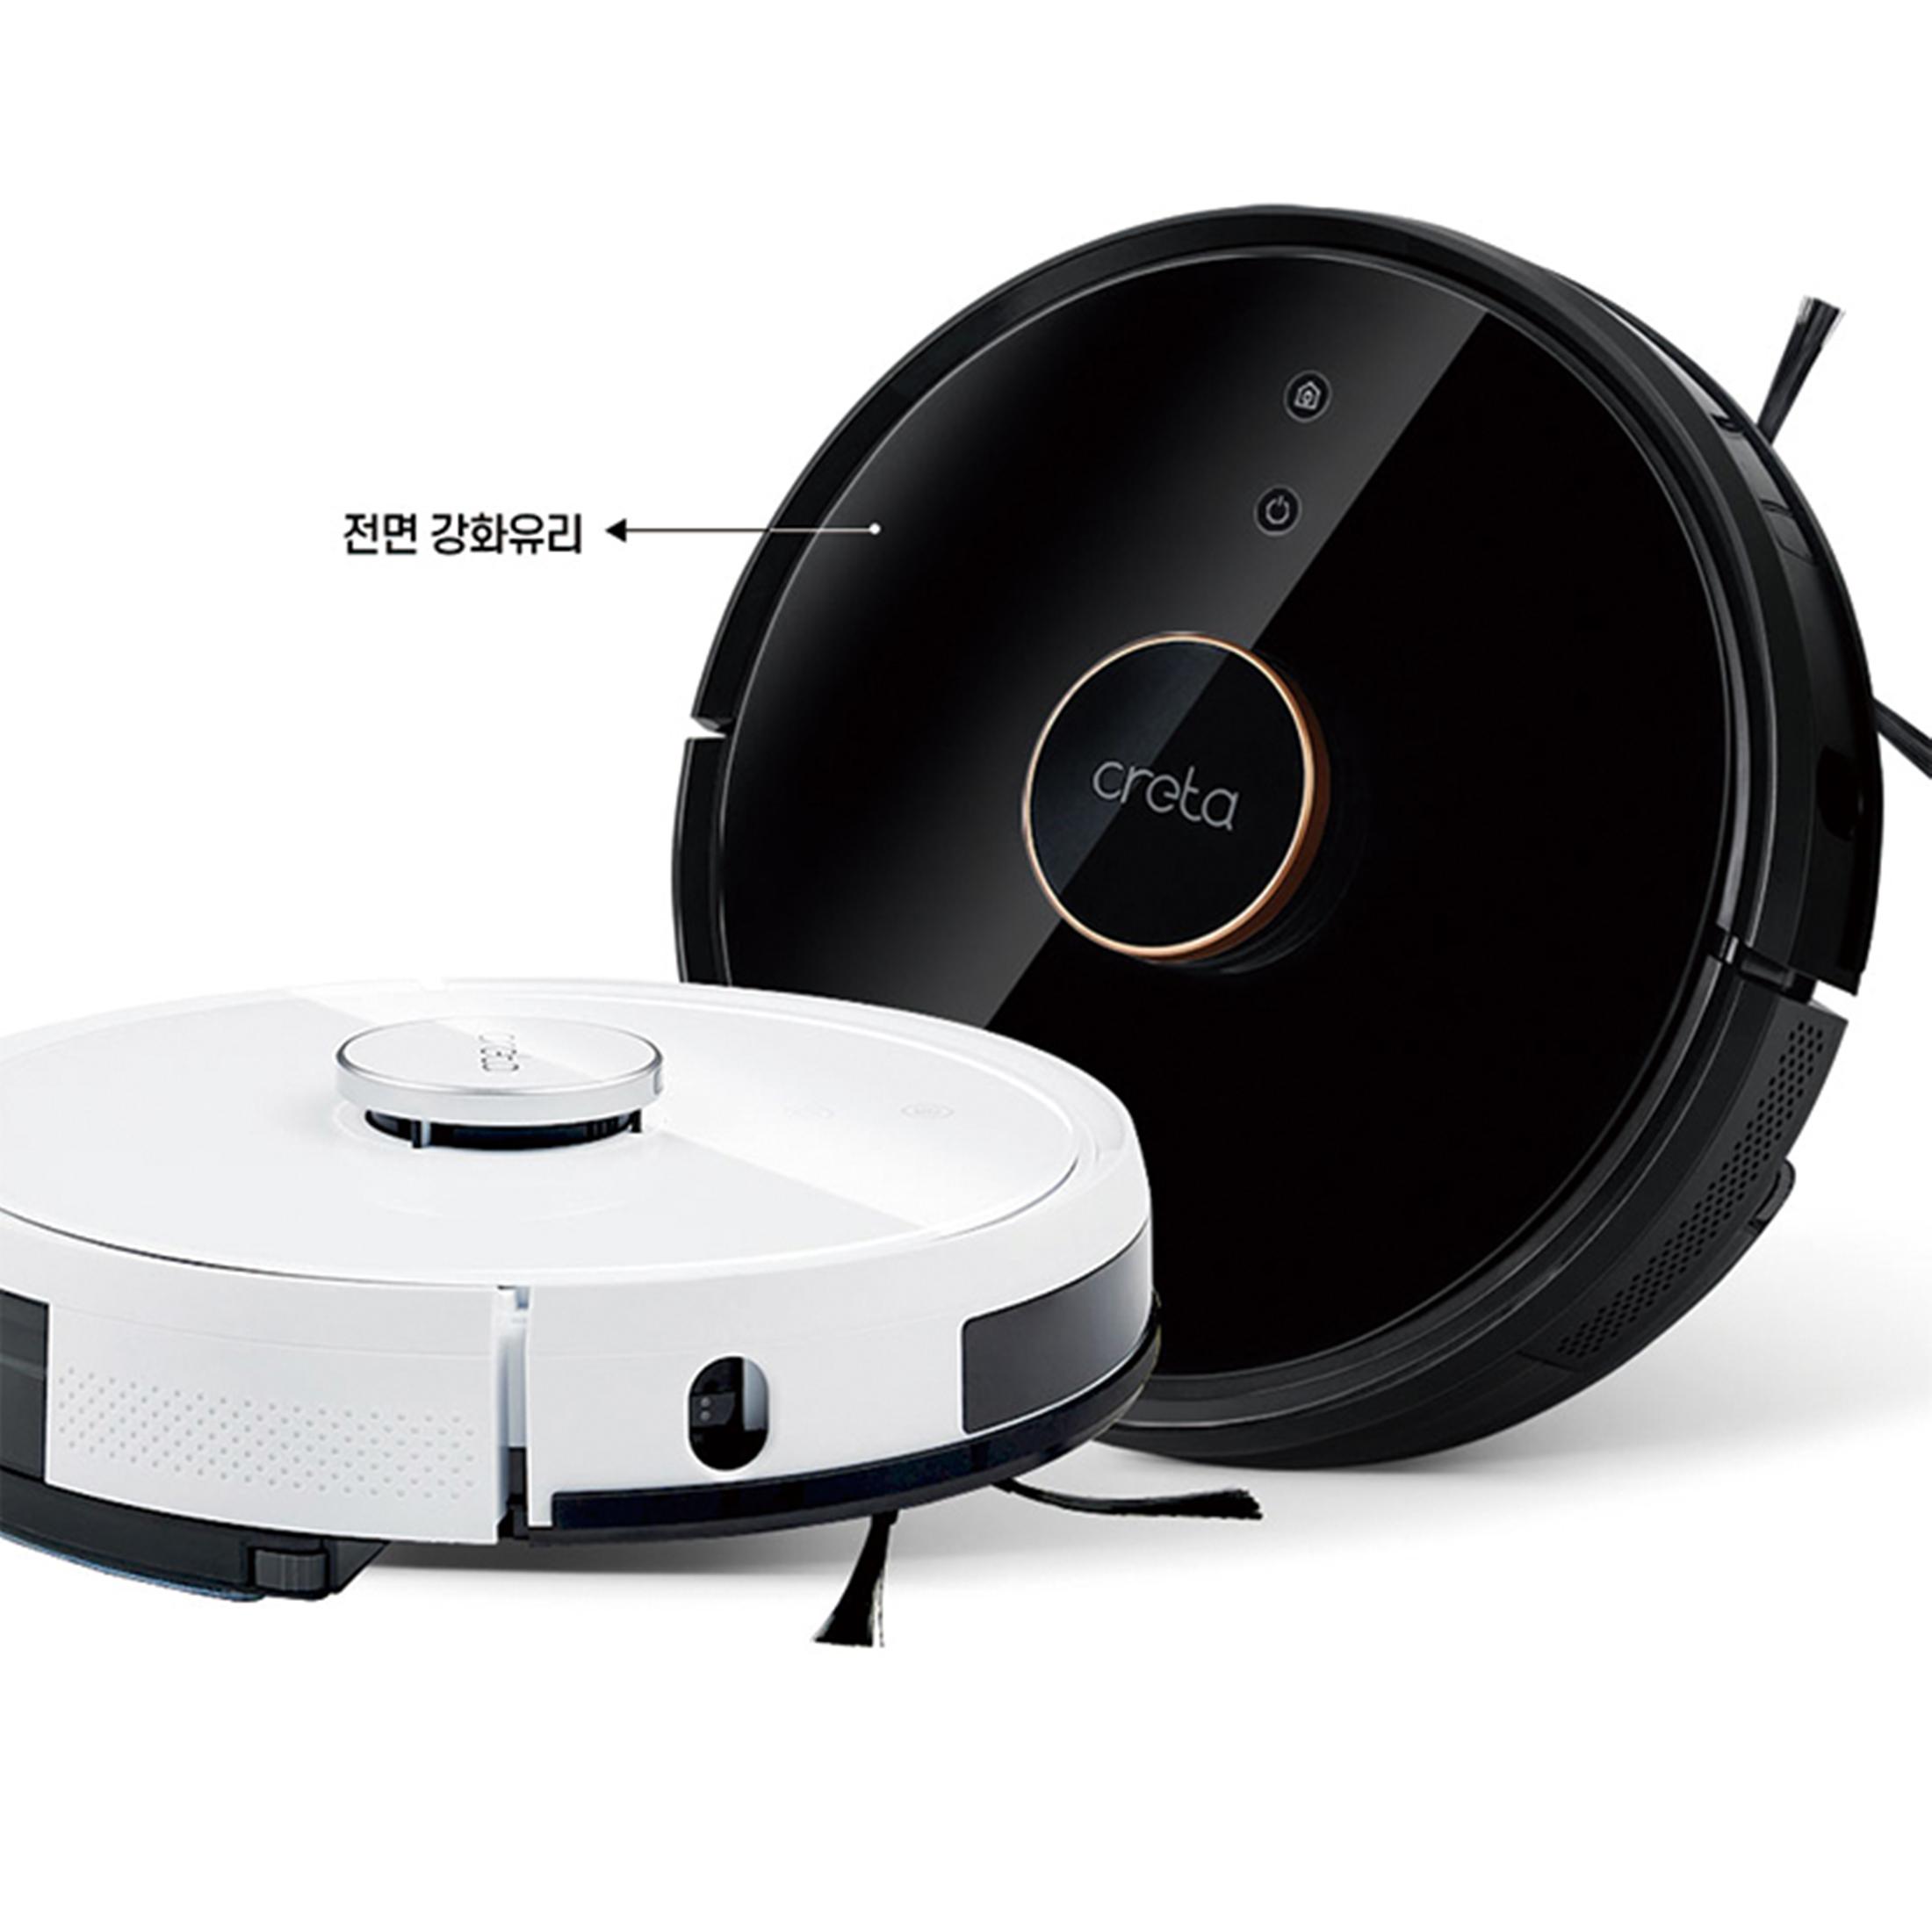 정품 최신기술 로봇청소기 고급스러운 디자인 리모콘 앱가능! 물걸레로봇청소기 최강흡입력 크레타 G3 블랙 화이트